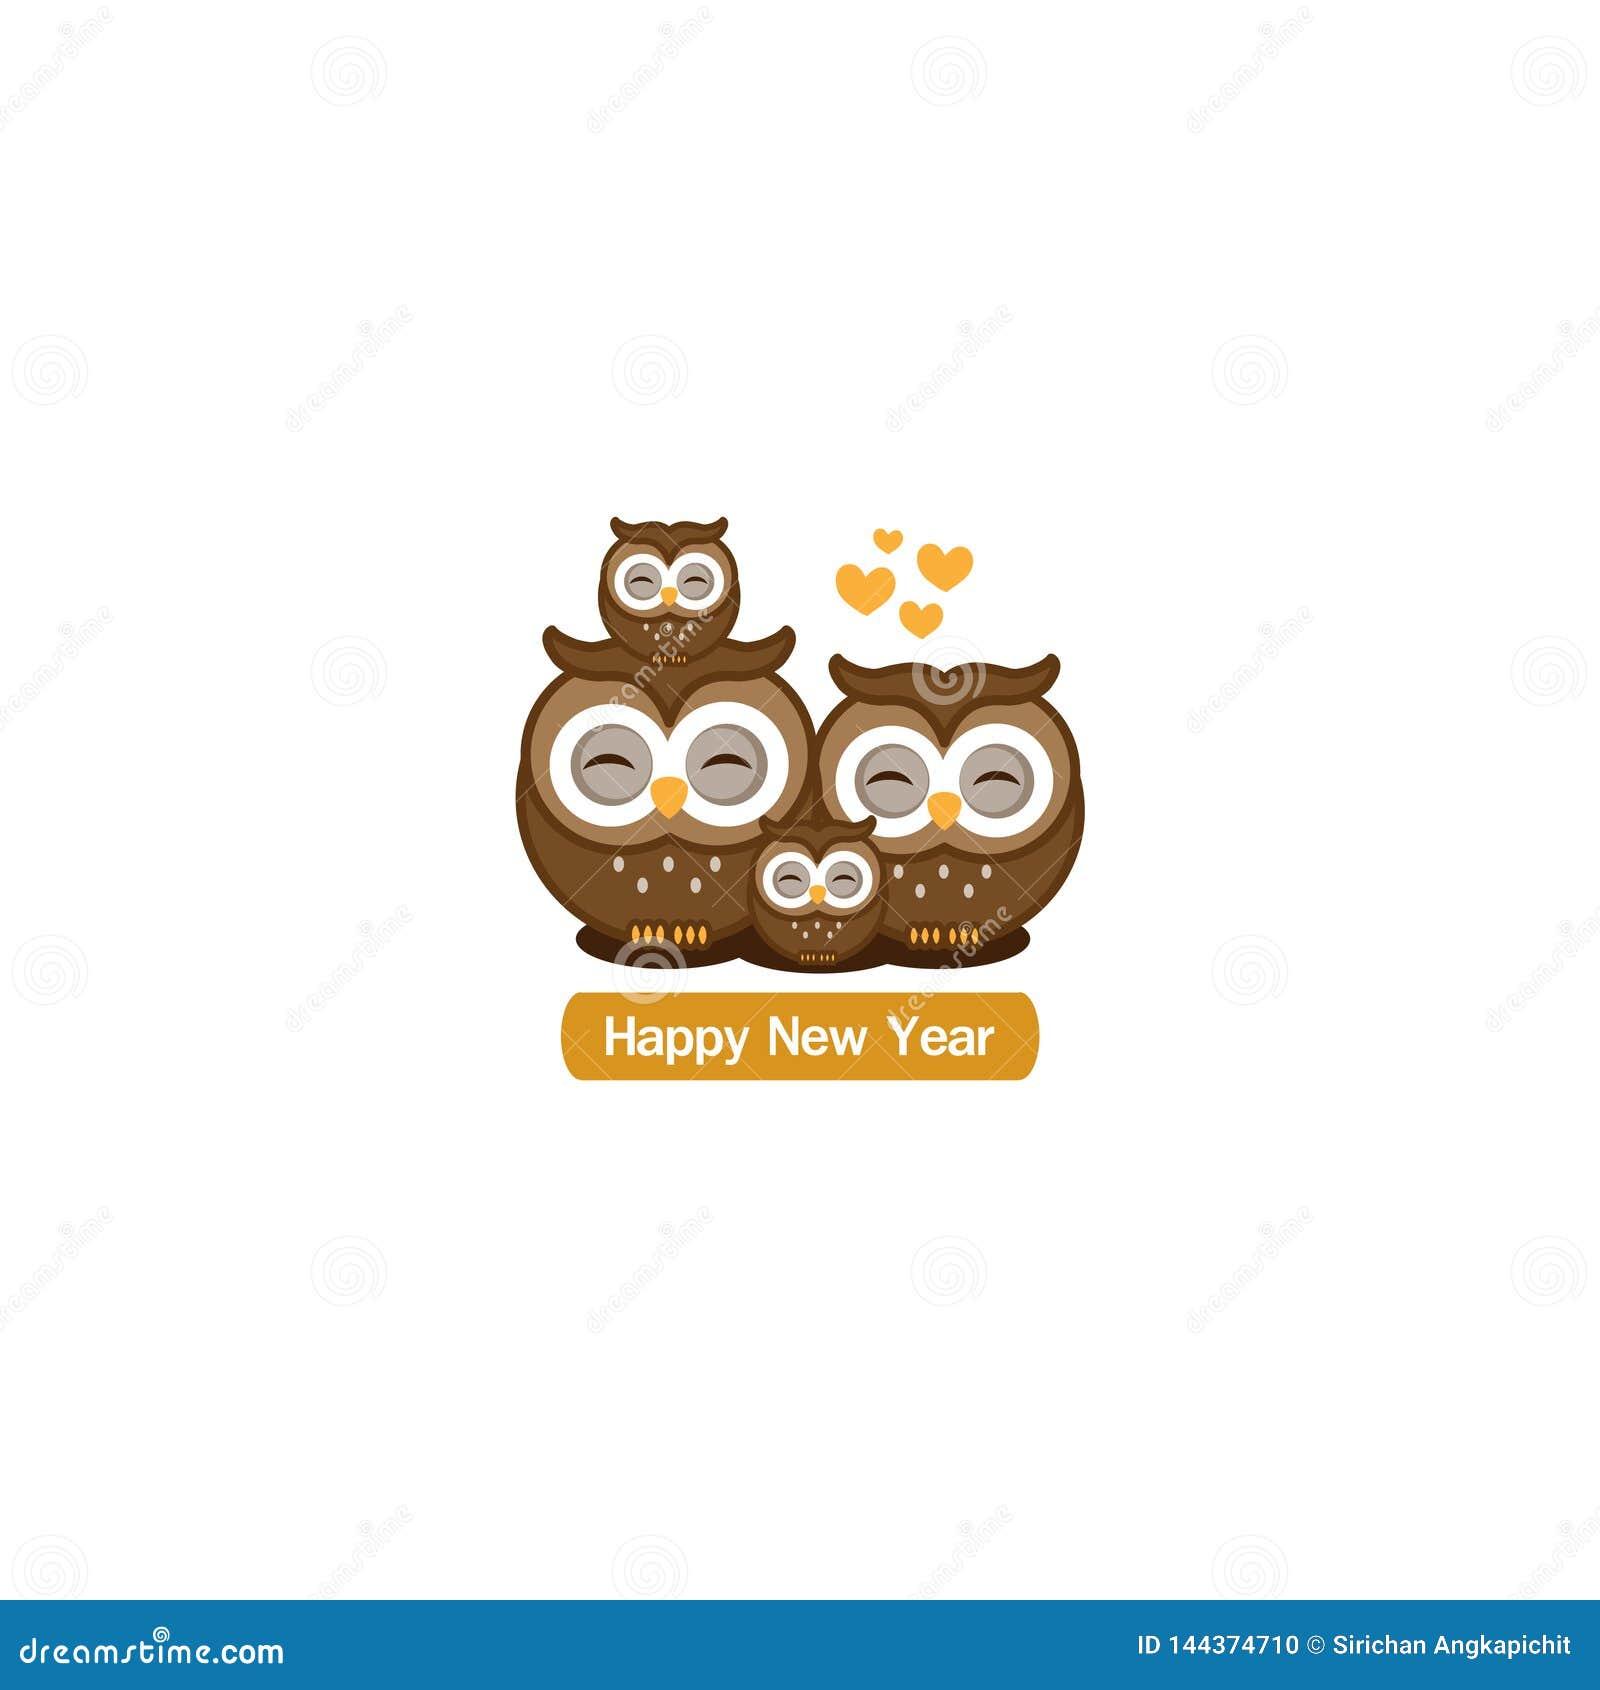 Ευχετήρια κάρτα καλής χρονιάς Χαριτωμένα οικογενειακά κινούμενα σχέδια κουκουβαγιών